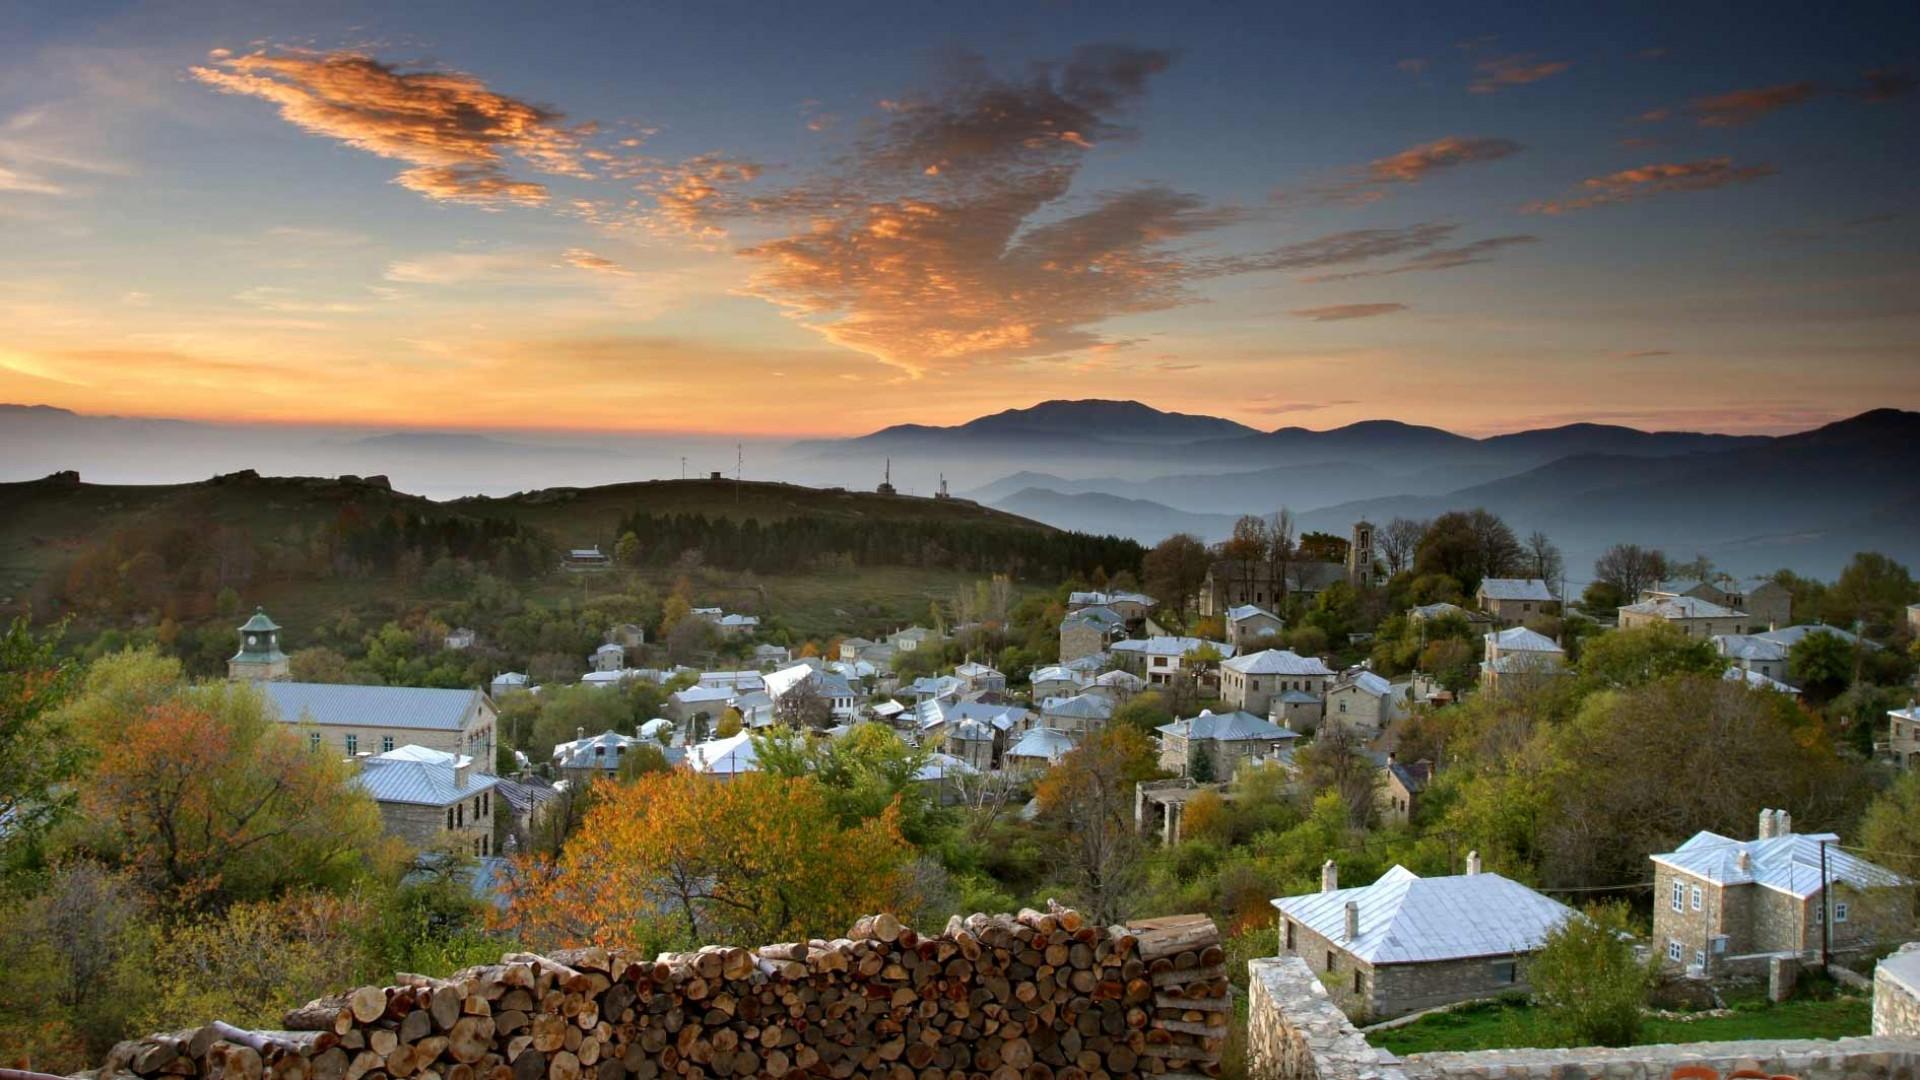 The fairytale village of Nymfaio, Greece